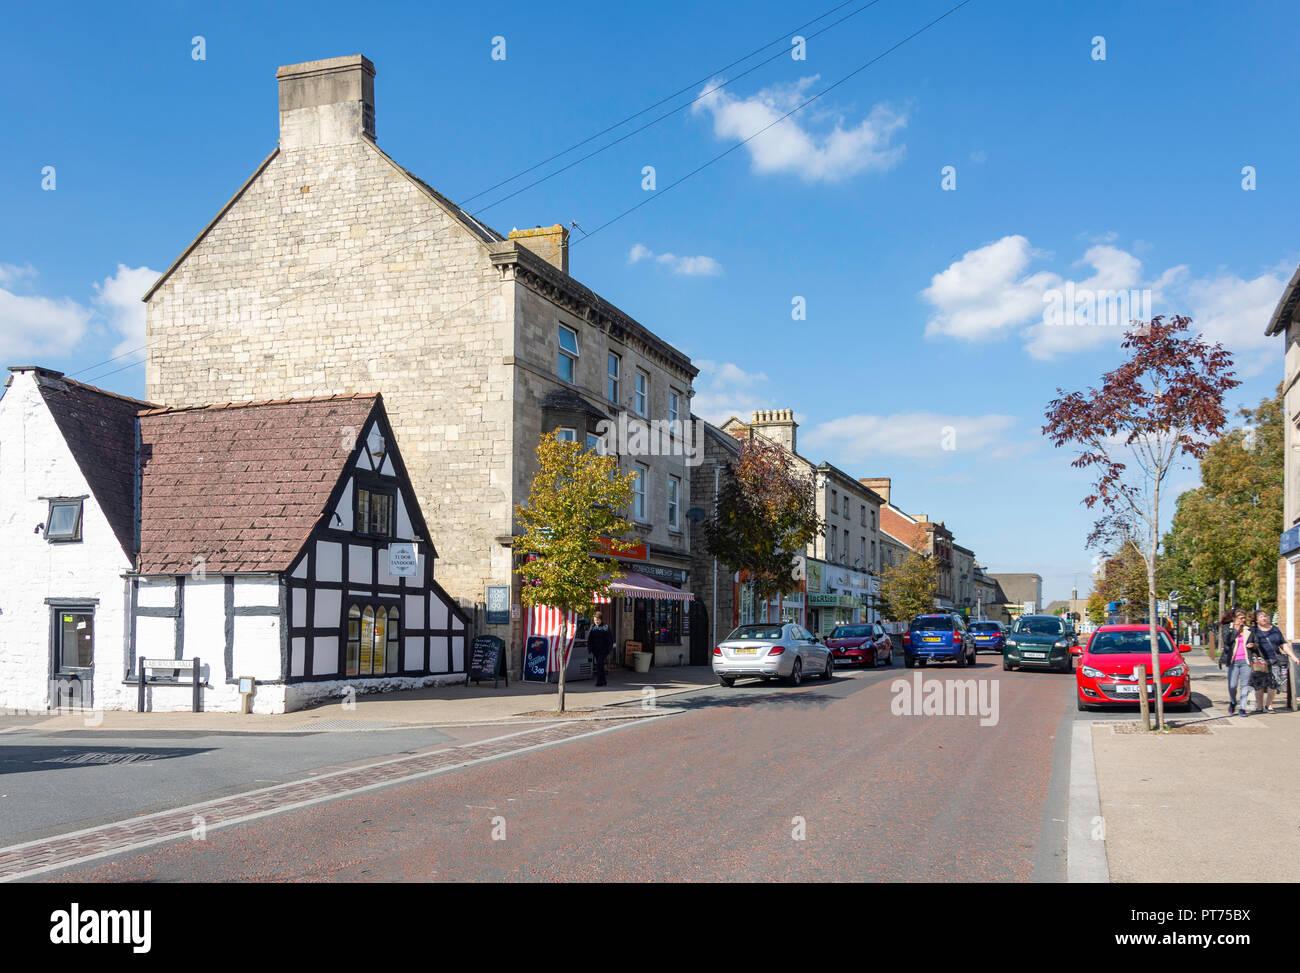 High Street, Stonehouse, Gloucestershire, England, United Kingdom - Stock Image